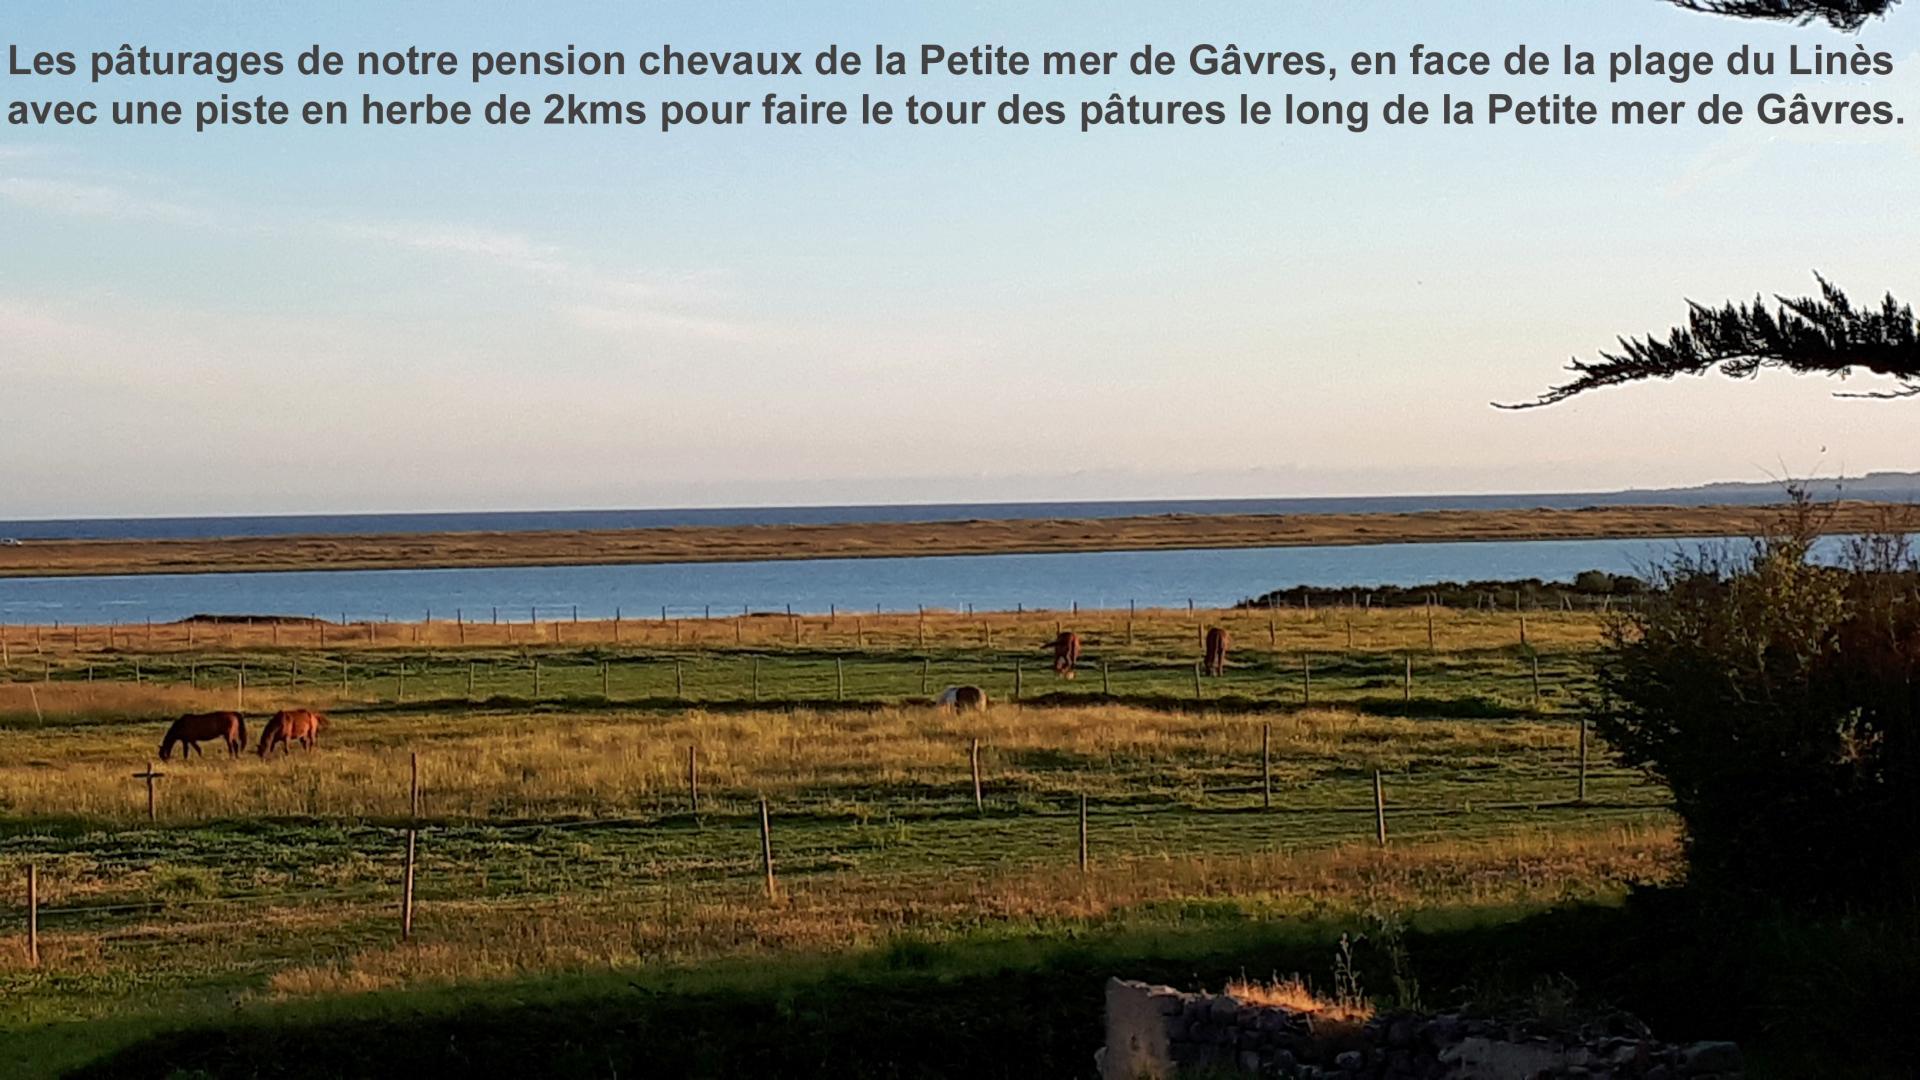 Les paturages de notre pension chevaux de la petite mer de gavres